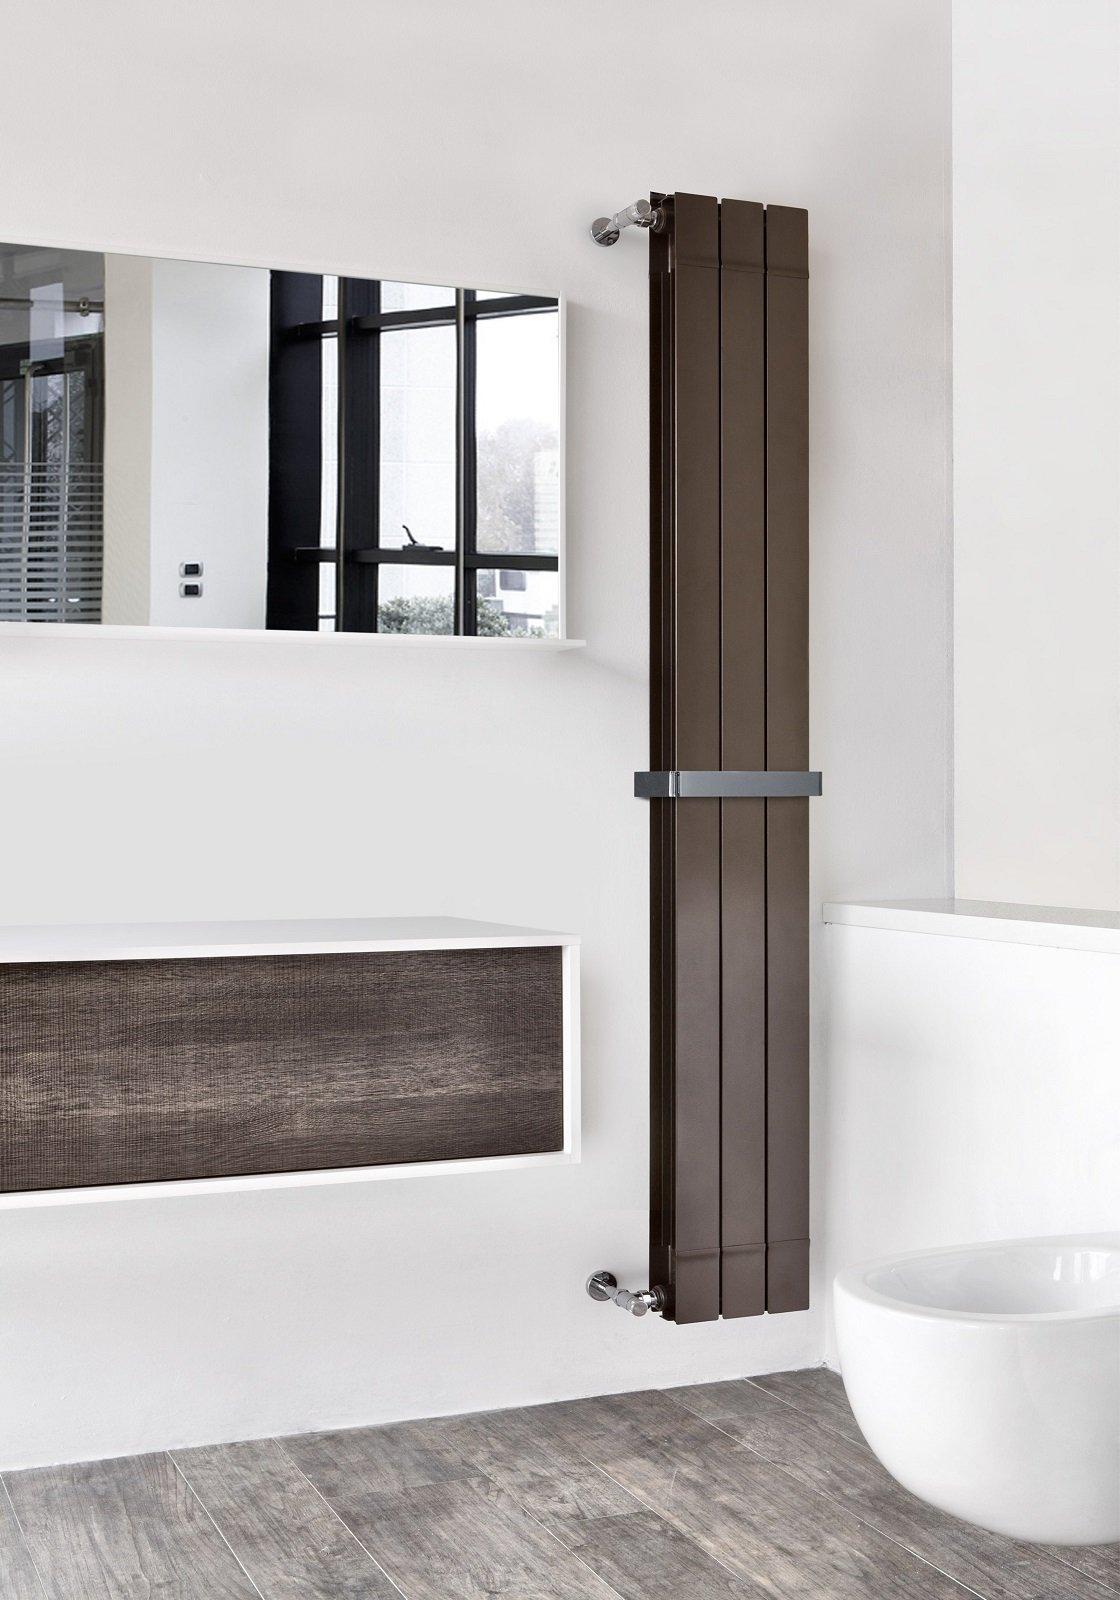 Termoarredo Da Salotto Prezzi i moderni termoarredi, radiatori e scaldasalviette di design